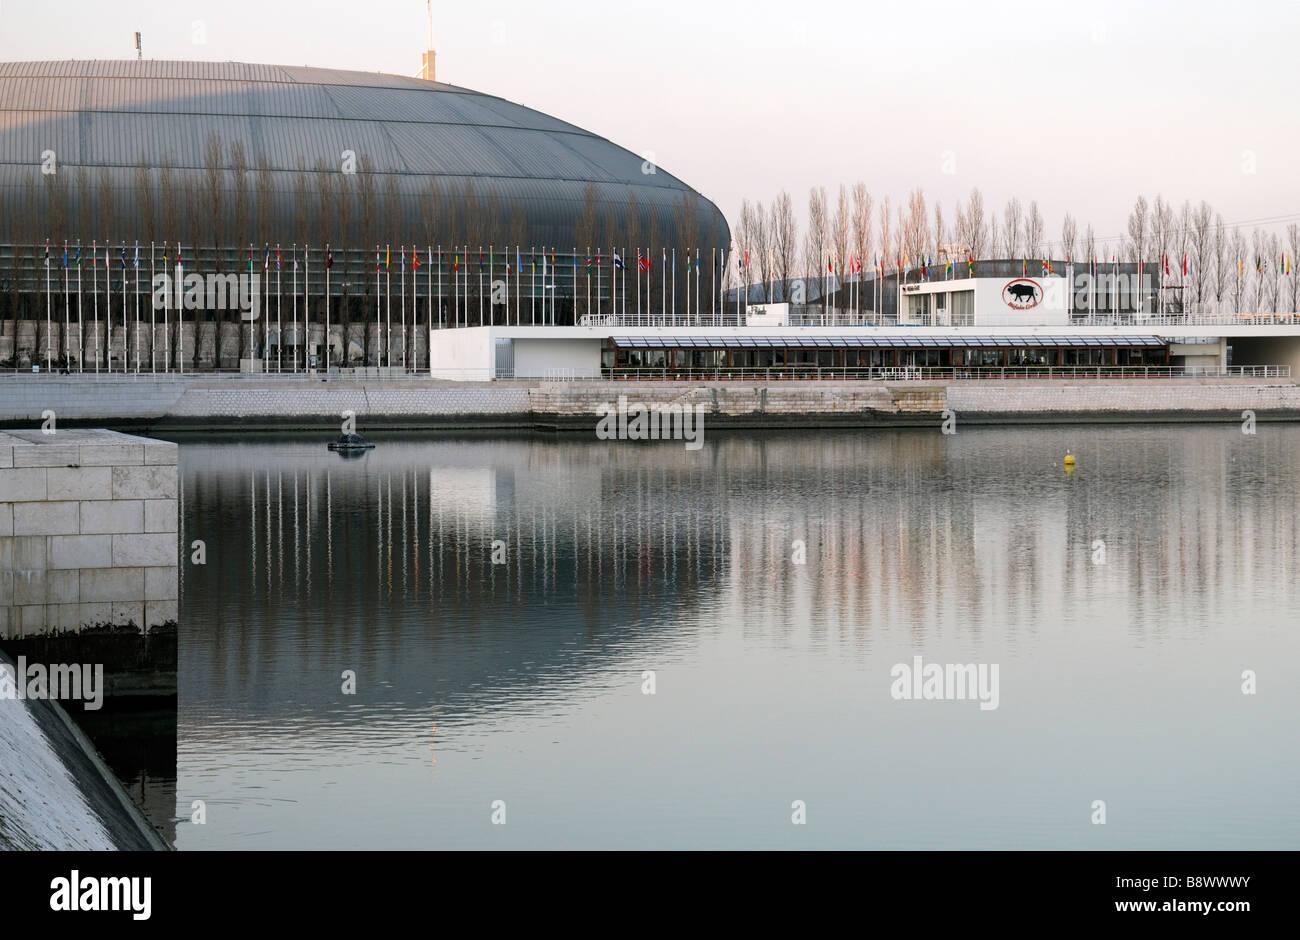 Pavilhao Atlantico atlantic Pavillon modernen kuppelförmige Gebäude im Park der Nationen Lissabon Portugal Stockbild